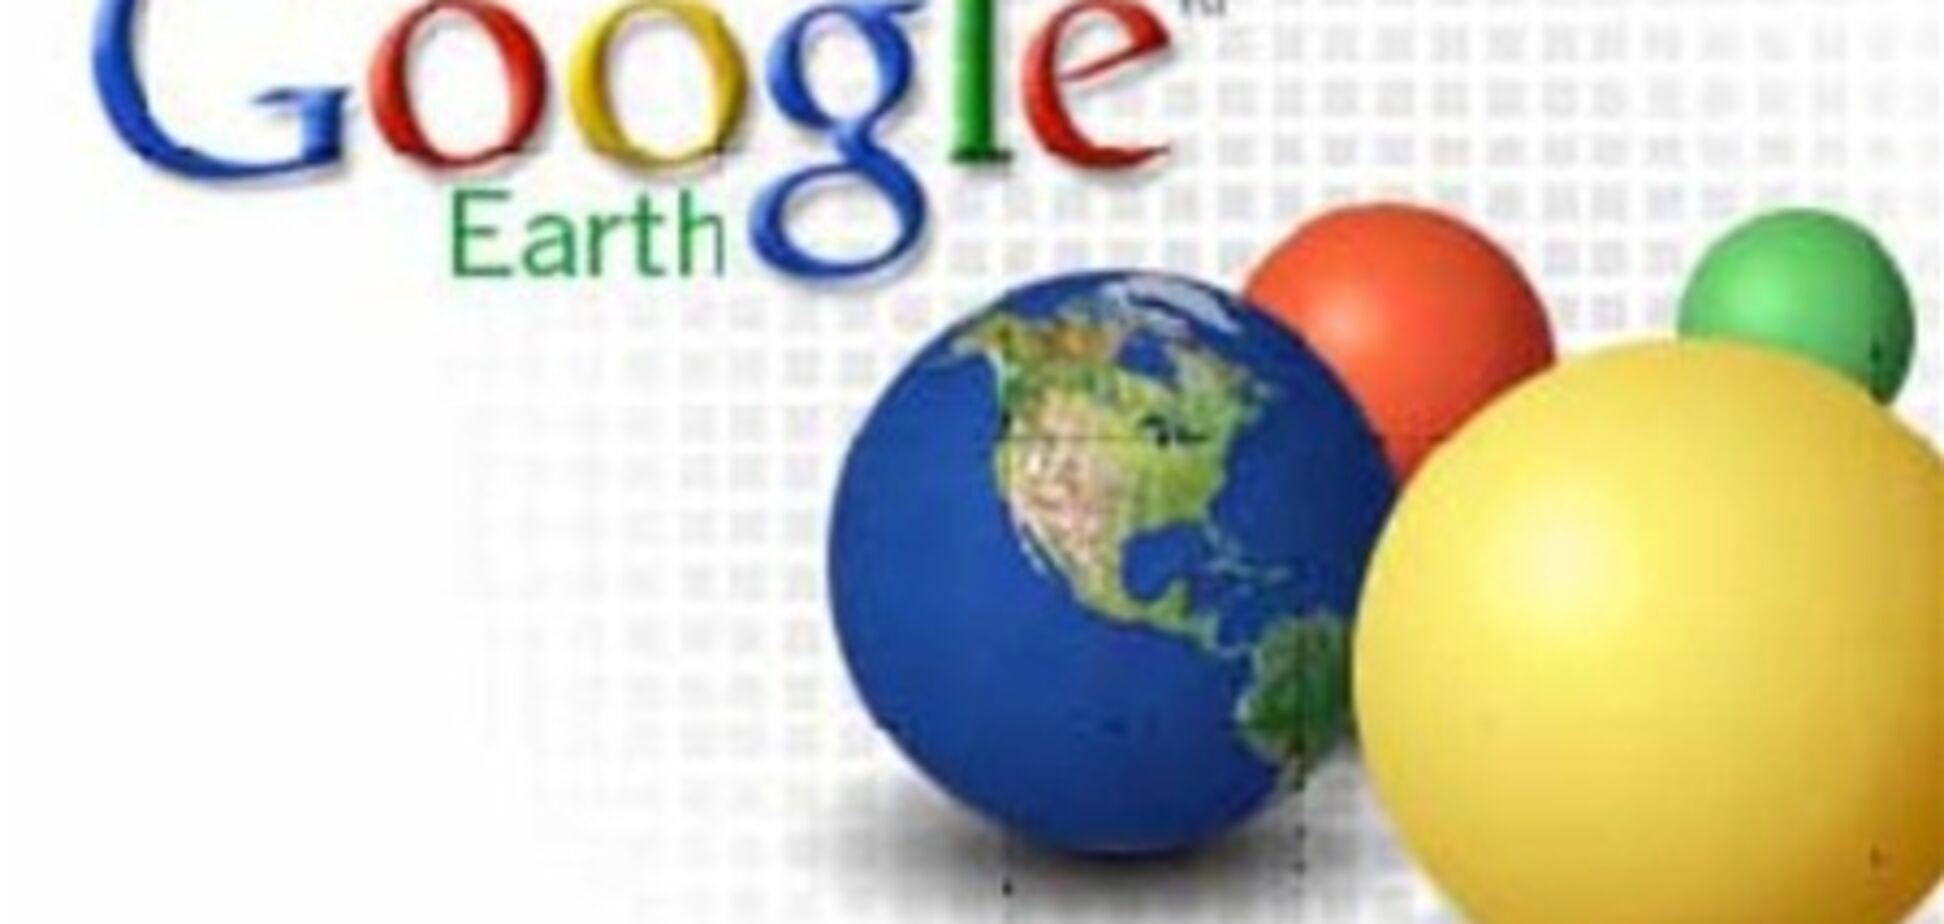 Google внедряет двухуровневую защиту от хакеров в 150 странах мира